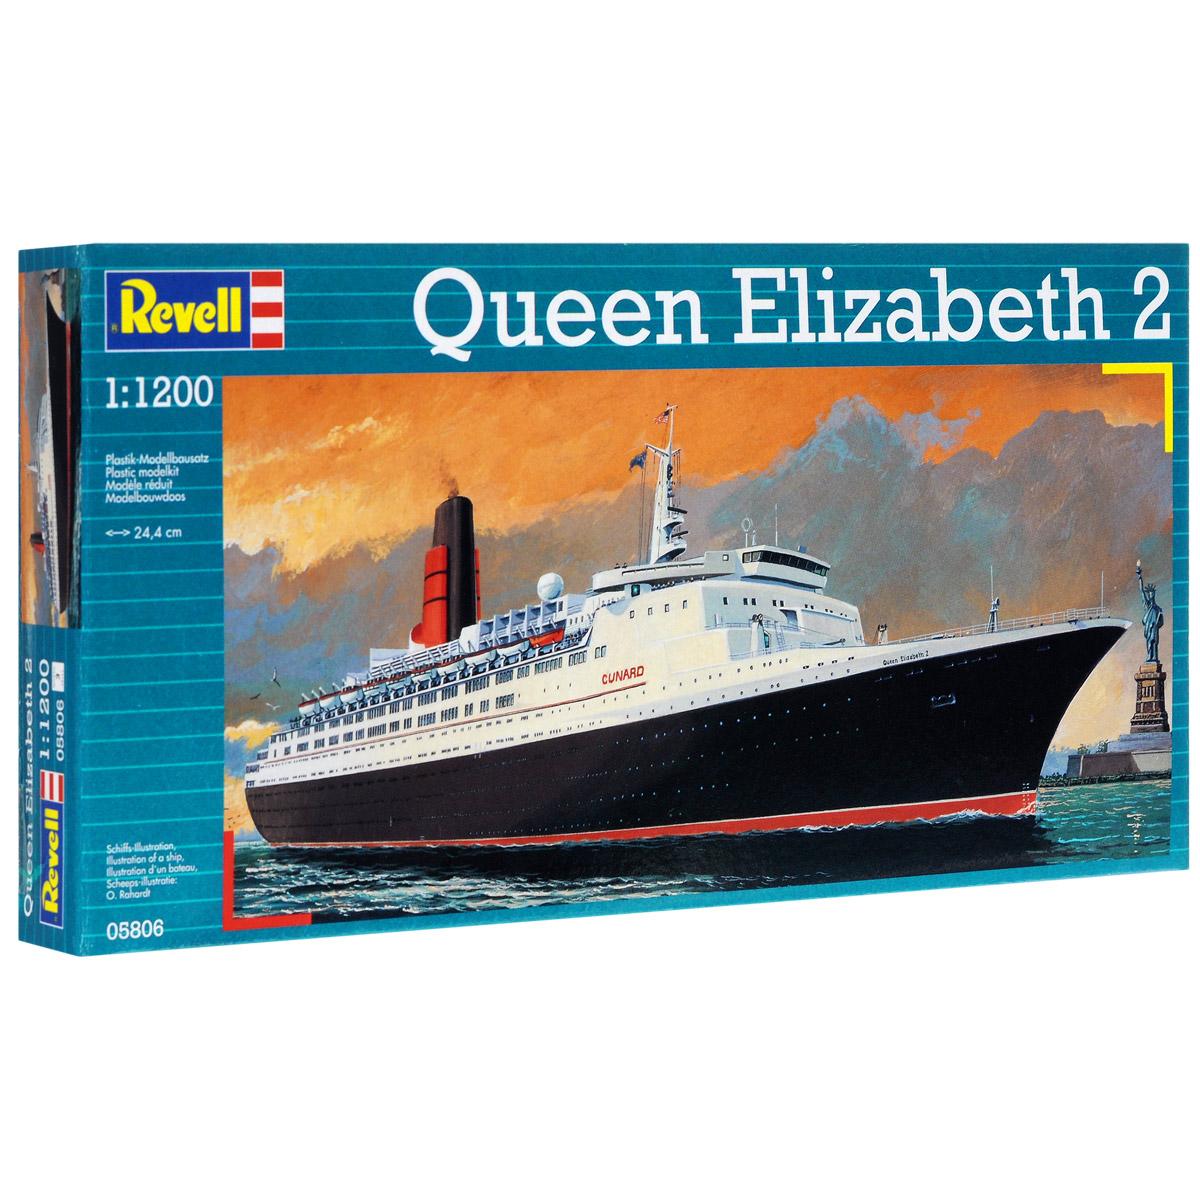 Сборная модель Revell Корабль Queen Elizabeth II05806Сборная модель Revell Корабль Queen Elizabeth II поможет вам и вашему ребенку придумать увлекательное занятие на долгое время. Набор включает в себя 36 пластиковых элементов, из которых можно собрать достоверную уменьшенную копию одноименного корабля. Судно было построено в 1969 году на верфи John Brown & Company в шотландском городе Clydebank. Свой первый рейс из Великобритании в США судно совершило в мае того же года. Лайнер способен перевозить до 2025 пассажиров и 970 членов экипажа. Queen Elizabeth II считается одним из самых удобных круизных лайнеров. Во время войны за Фолклендские острова в 1982 году осуществляла перевозку британских солдат. С 2010 года лайнер служит плавучим отелем. Также в наборе схематичная инструкция по сборке. Процесс сборки развивает интеллектуальные и инструментальные способности, воображение и конструктивное мышление, а также прививает практические навыки работы со схемами и чертежами. Уровень сложности: 3. ...